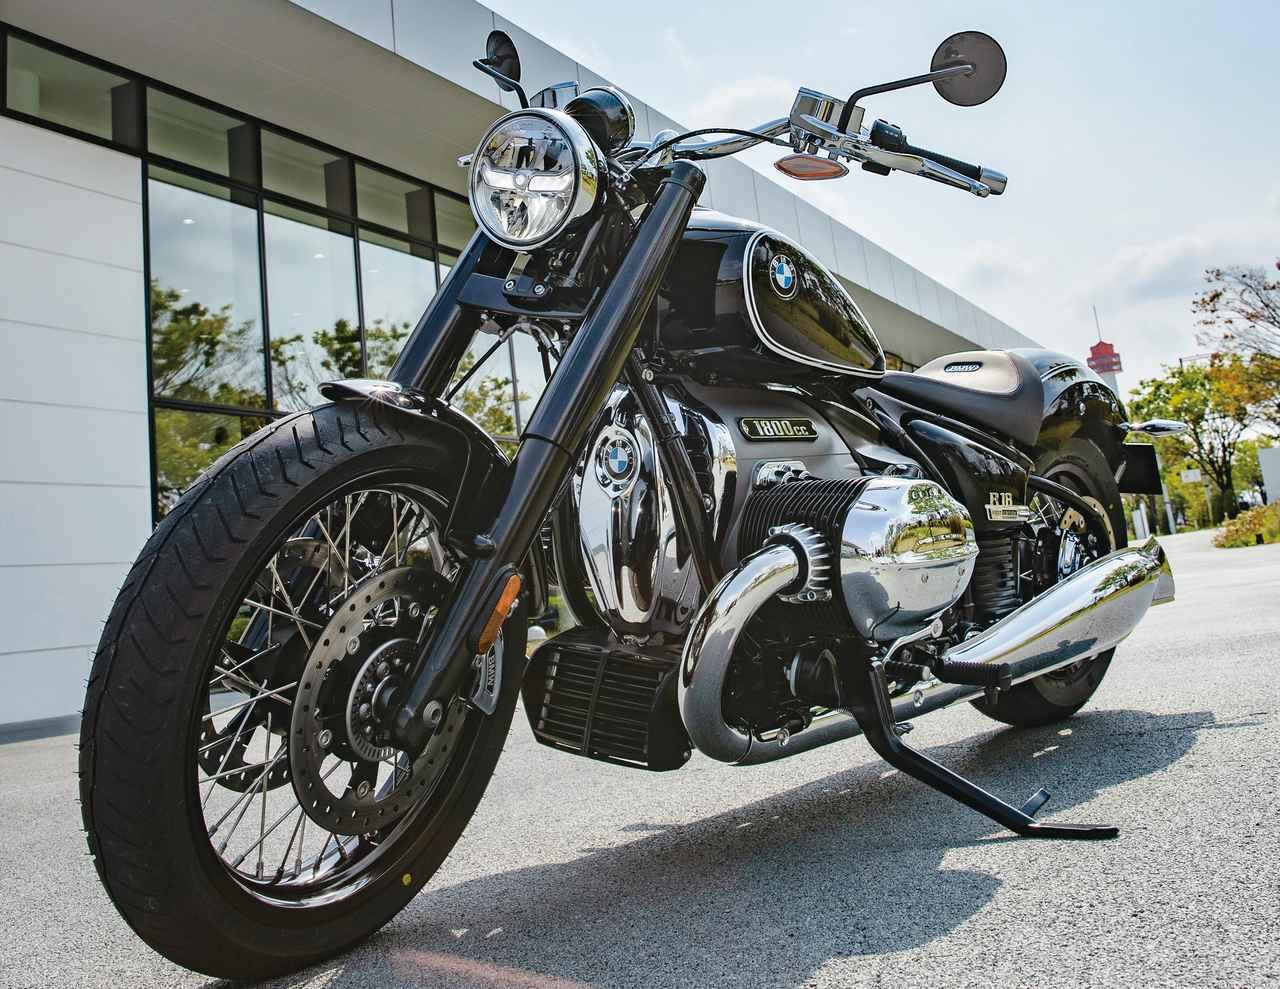 画像: 【R18】BMW史上、最大排気量のボクサーエンジンを搭載した新型車「R18」その全貌に迫る! - webオートバイ